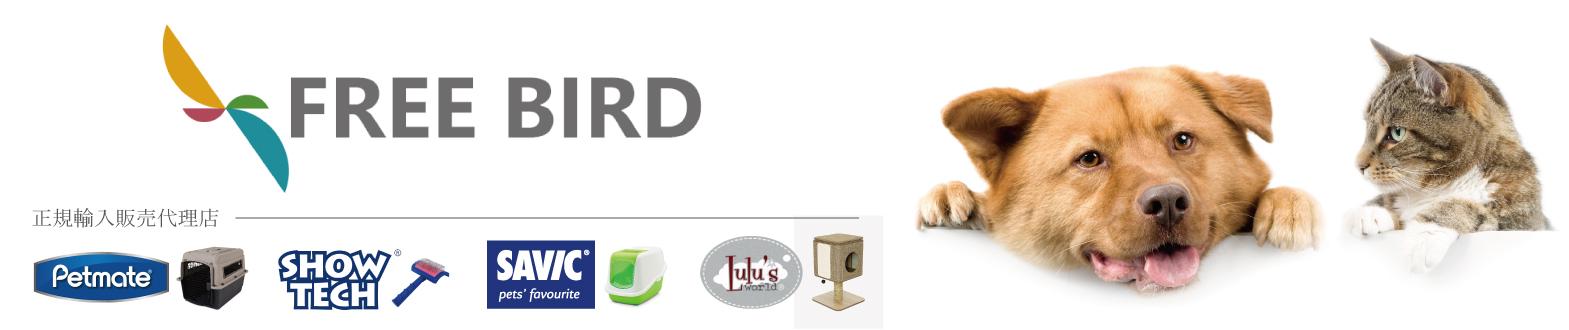 FREE BIRD:世界中の優れたユニークな商品をお手頃価格でお届けするネット通販ショップ